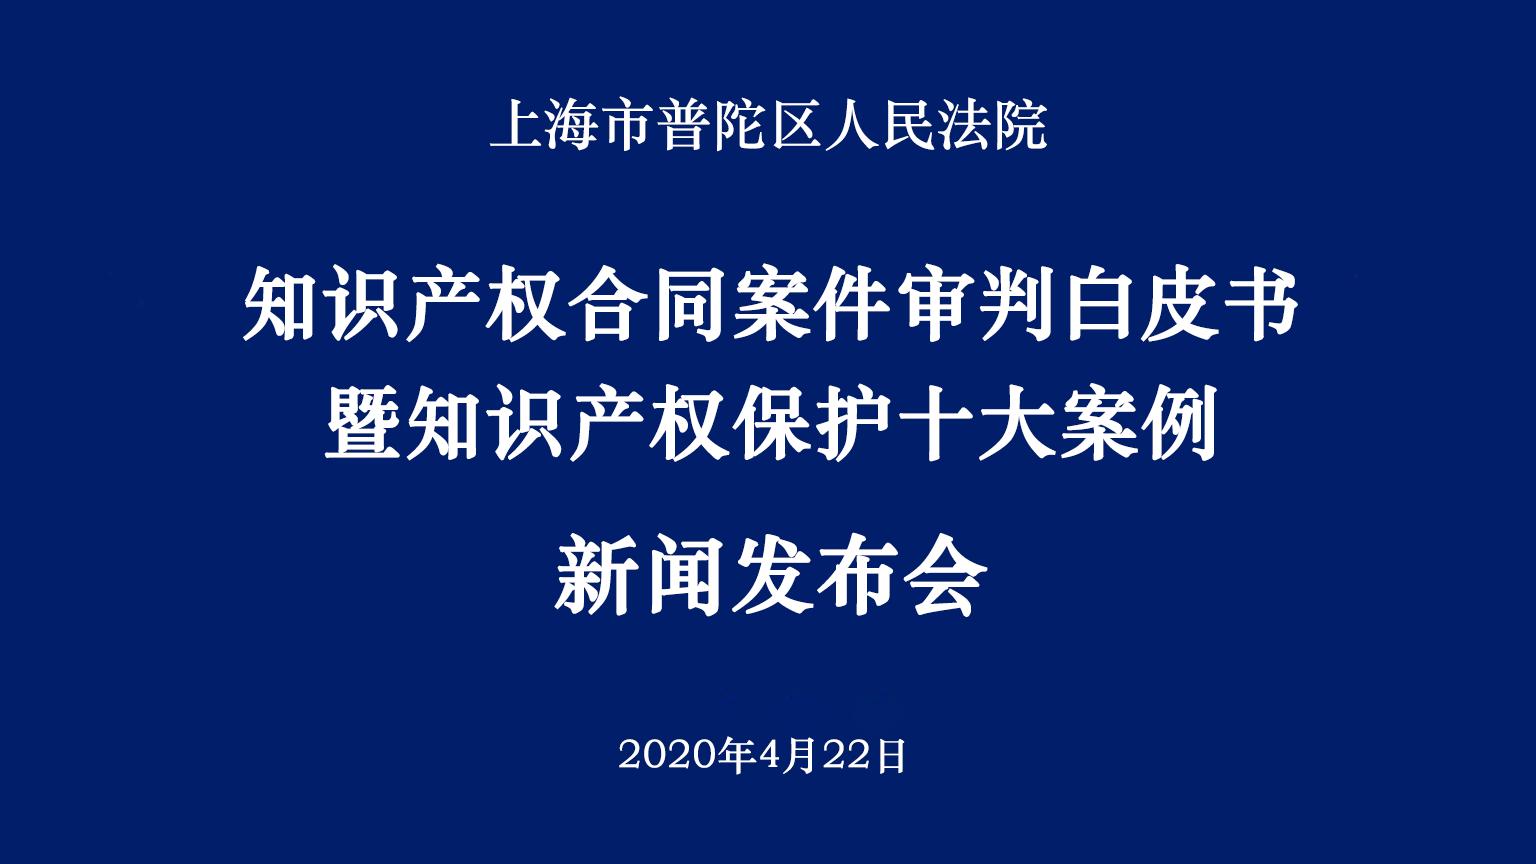 [直播结束] 知识产权合同案件审判白皮书